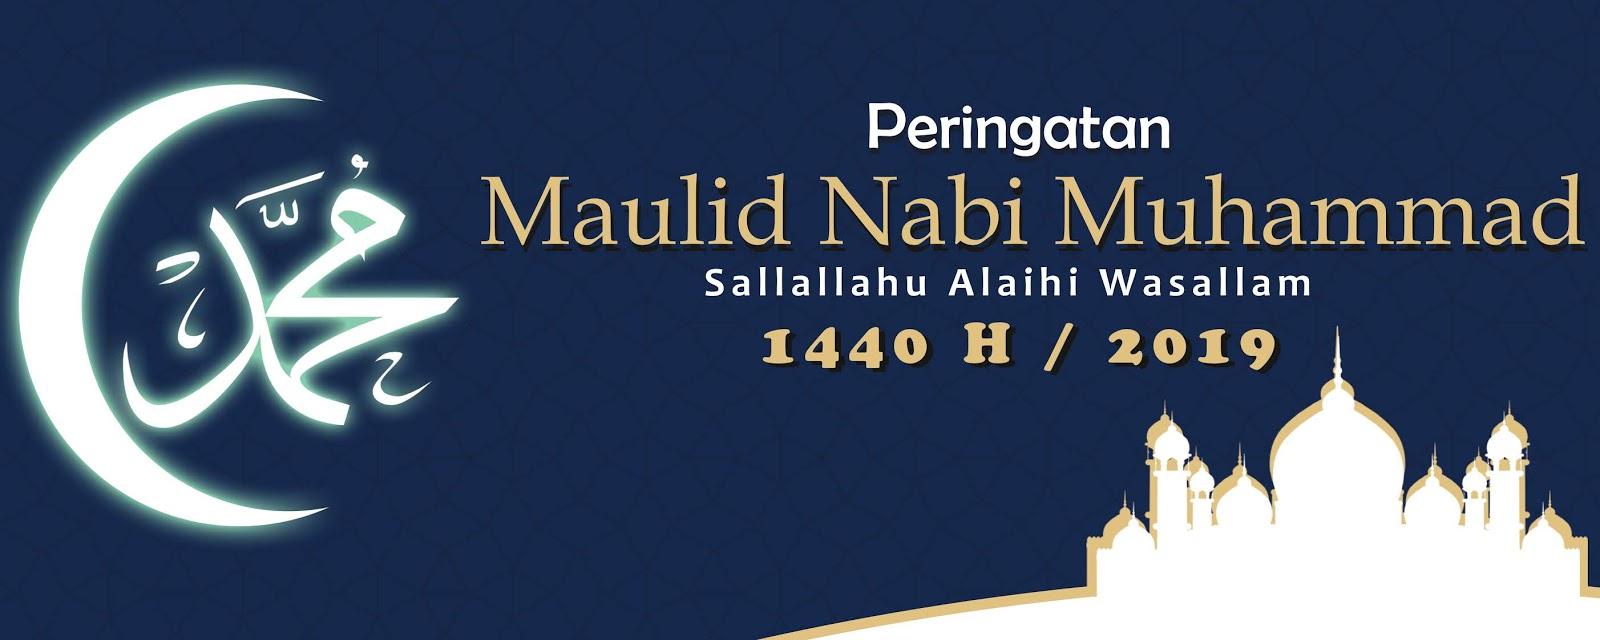 Download Gratis Banner Spanduk Peringatan Maulid Nabi 1441 ...